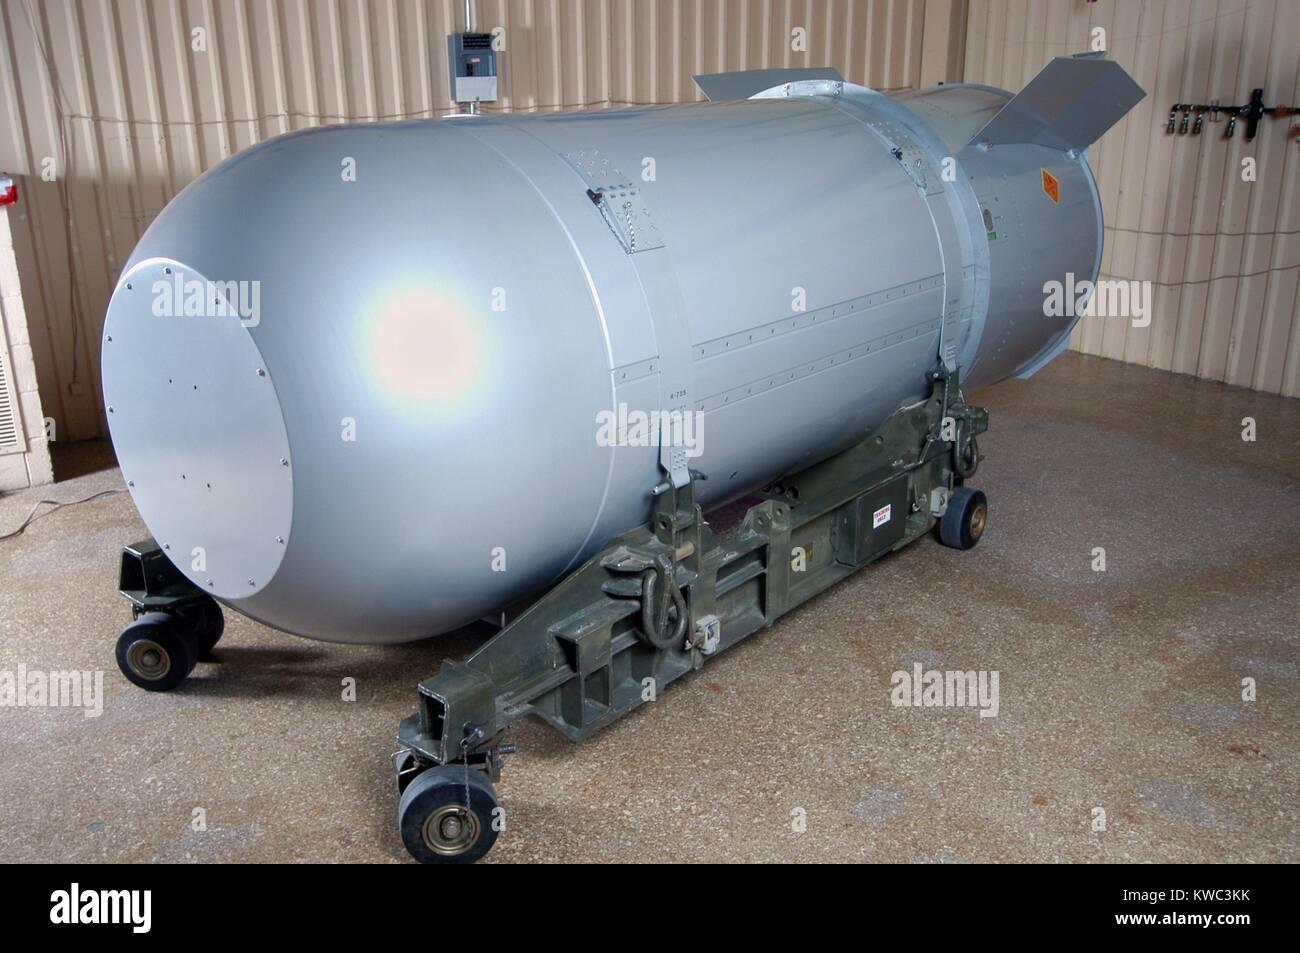 Bomba termonuclear en el arsenal estadounidense en 2011. El Mk/B53 fue uno de alto rendimiento bunker buster arma Imagen De Stock